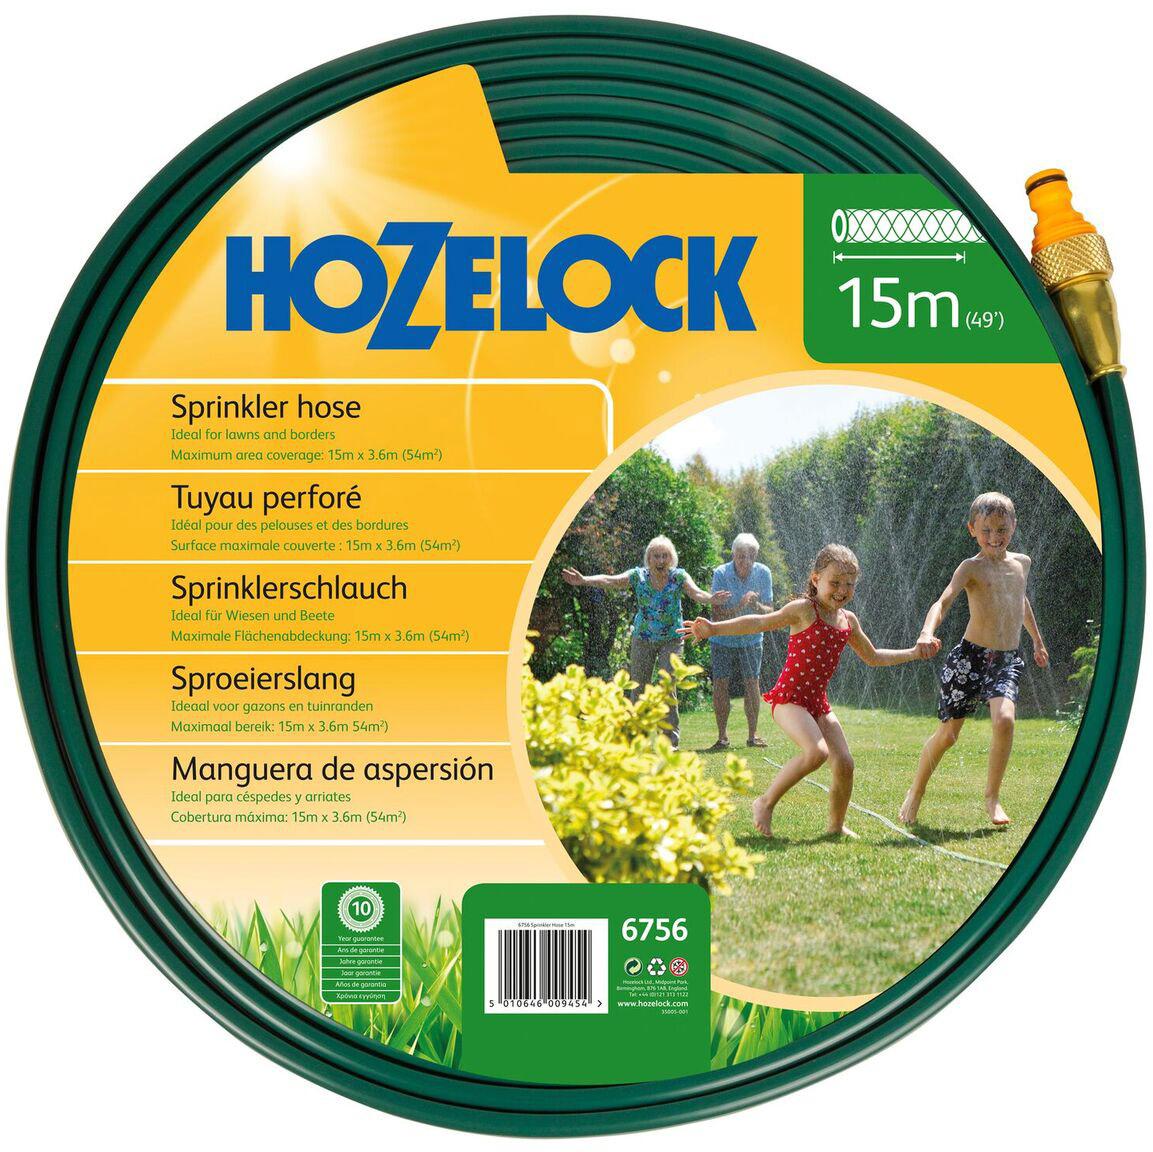 Шланг HoZelock 6756 разбрызгивающий для полива 15 м Перфорированный плоский Шланг, который разбрызгивает воду по всей длине деликатными струями или используется для увлажнения почвы, в зависимости от того, какой стороной Вы его прокладываете. Идеально подходит для полива растений на грядках и по периметру садового участка. Поставляется с коннекторами, которые позволяют Вам нарастить Шланг (собрать из нескольких комплектов Шланг нужной длины). Практичное решение для полива на Вашем участке без лишних затрат на разбрызгиватели и подводящие Шланги. Площадь покрытия: 100м